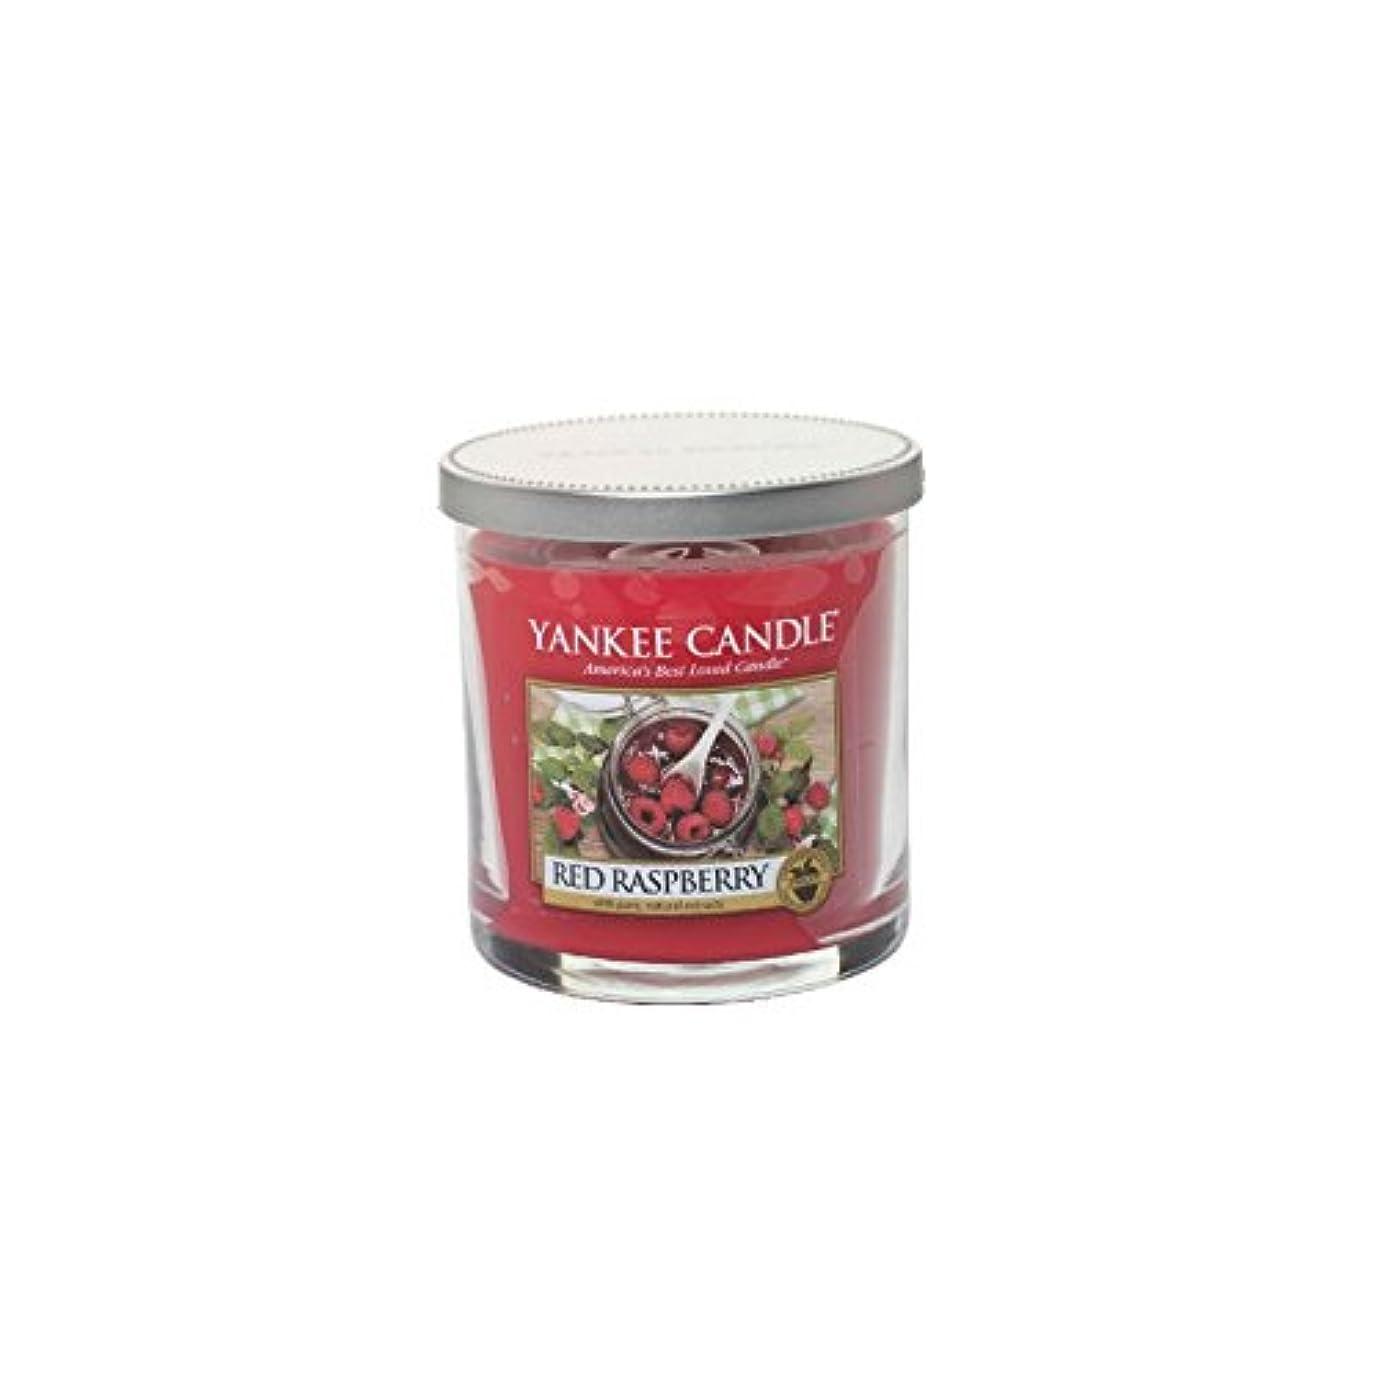 狂信者カバーフルーツ野菜Yankee Candles Small Pillar Candle - Red Raspberry (Pack of 2) - ヤンキーキャンドルの小さな柱キャンドル - レッドラズベリー (x2) [並行輸入品]